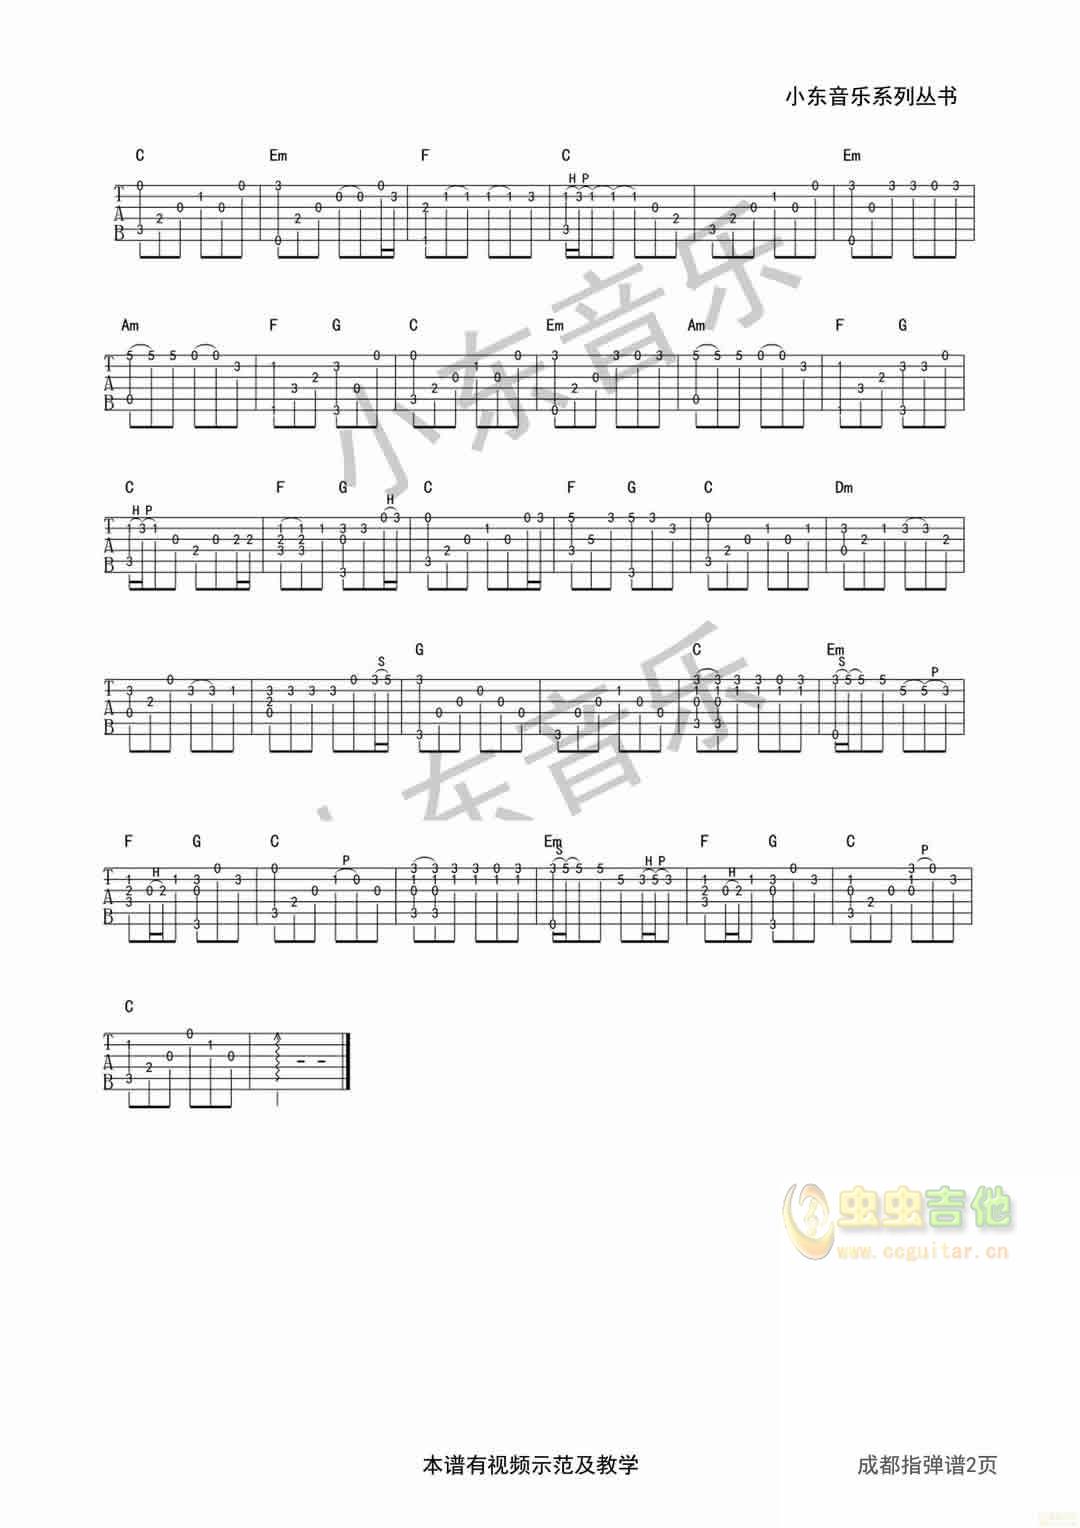 成都指弹谱C调六线 独奏吉他谱 虫虫吉他谱免费下载